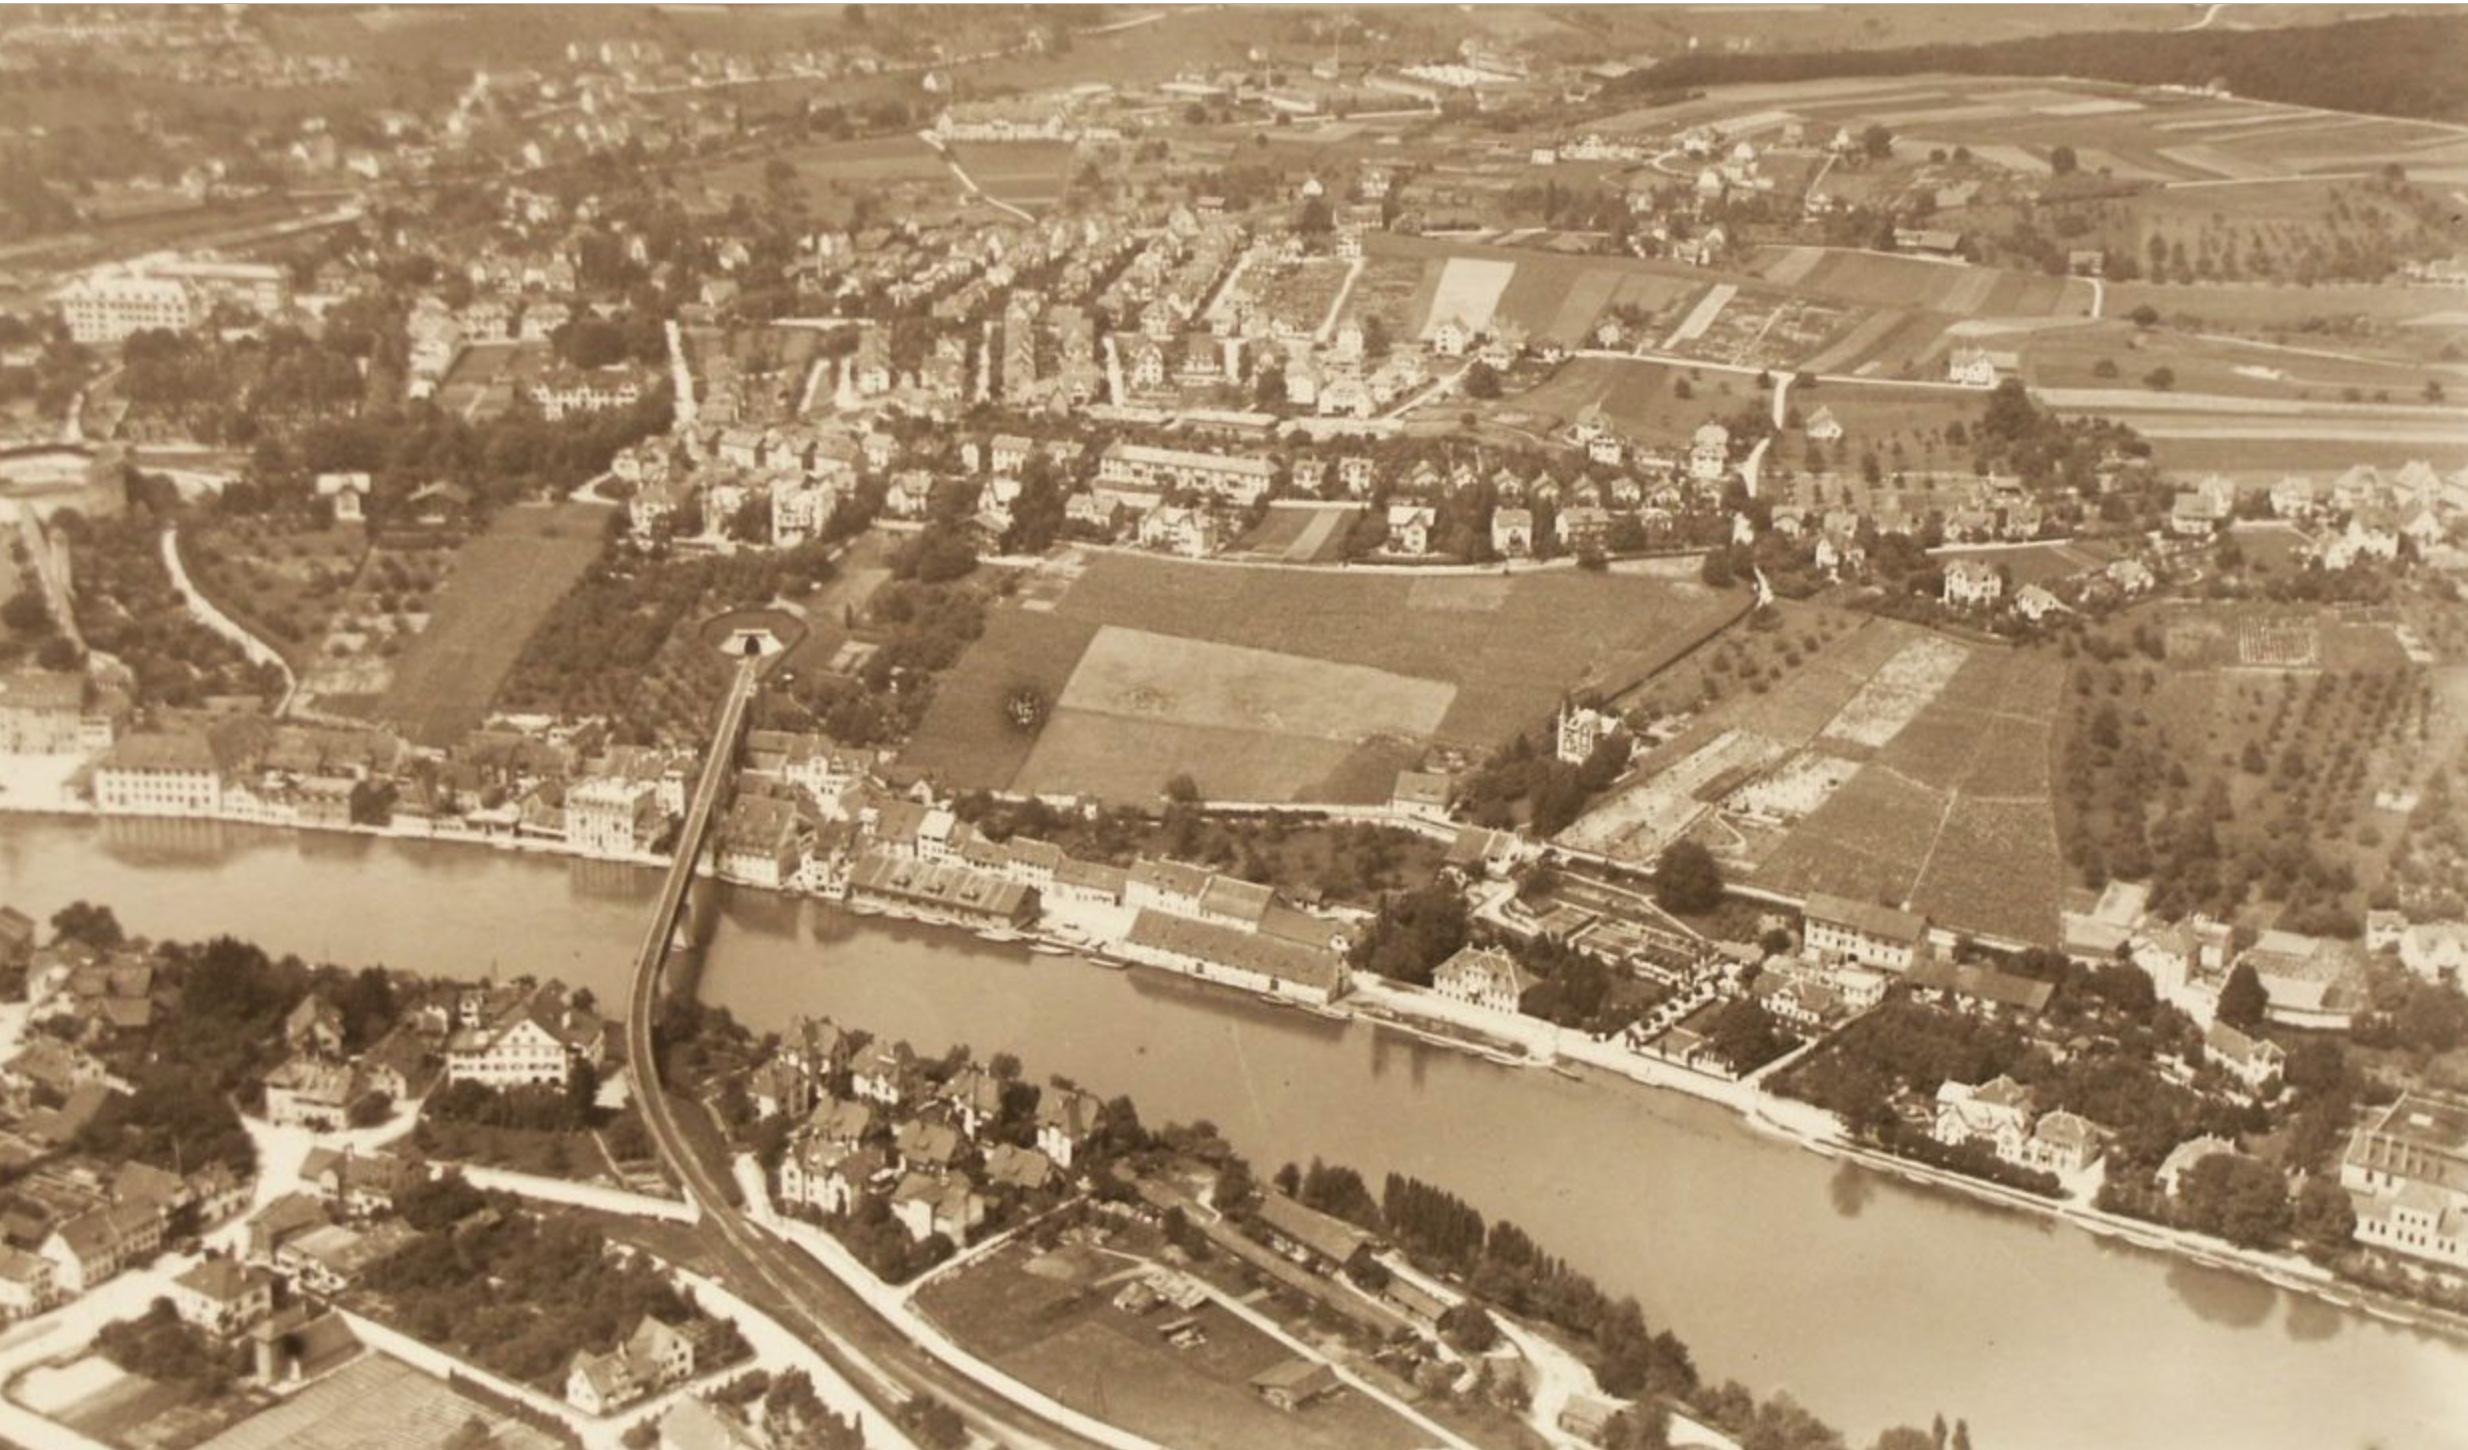 Flugaufnahme von 1921. 1897 entscheidet das Bundesgericht, dass der ganze Rhein zum Kantonsgebiet Schaffhausens gehört.